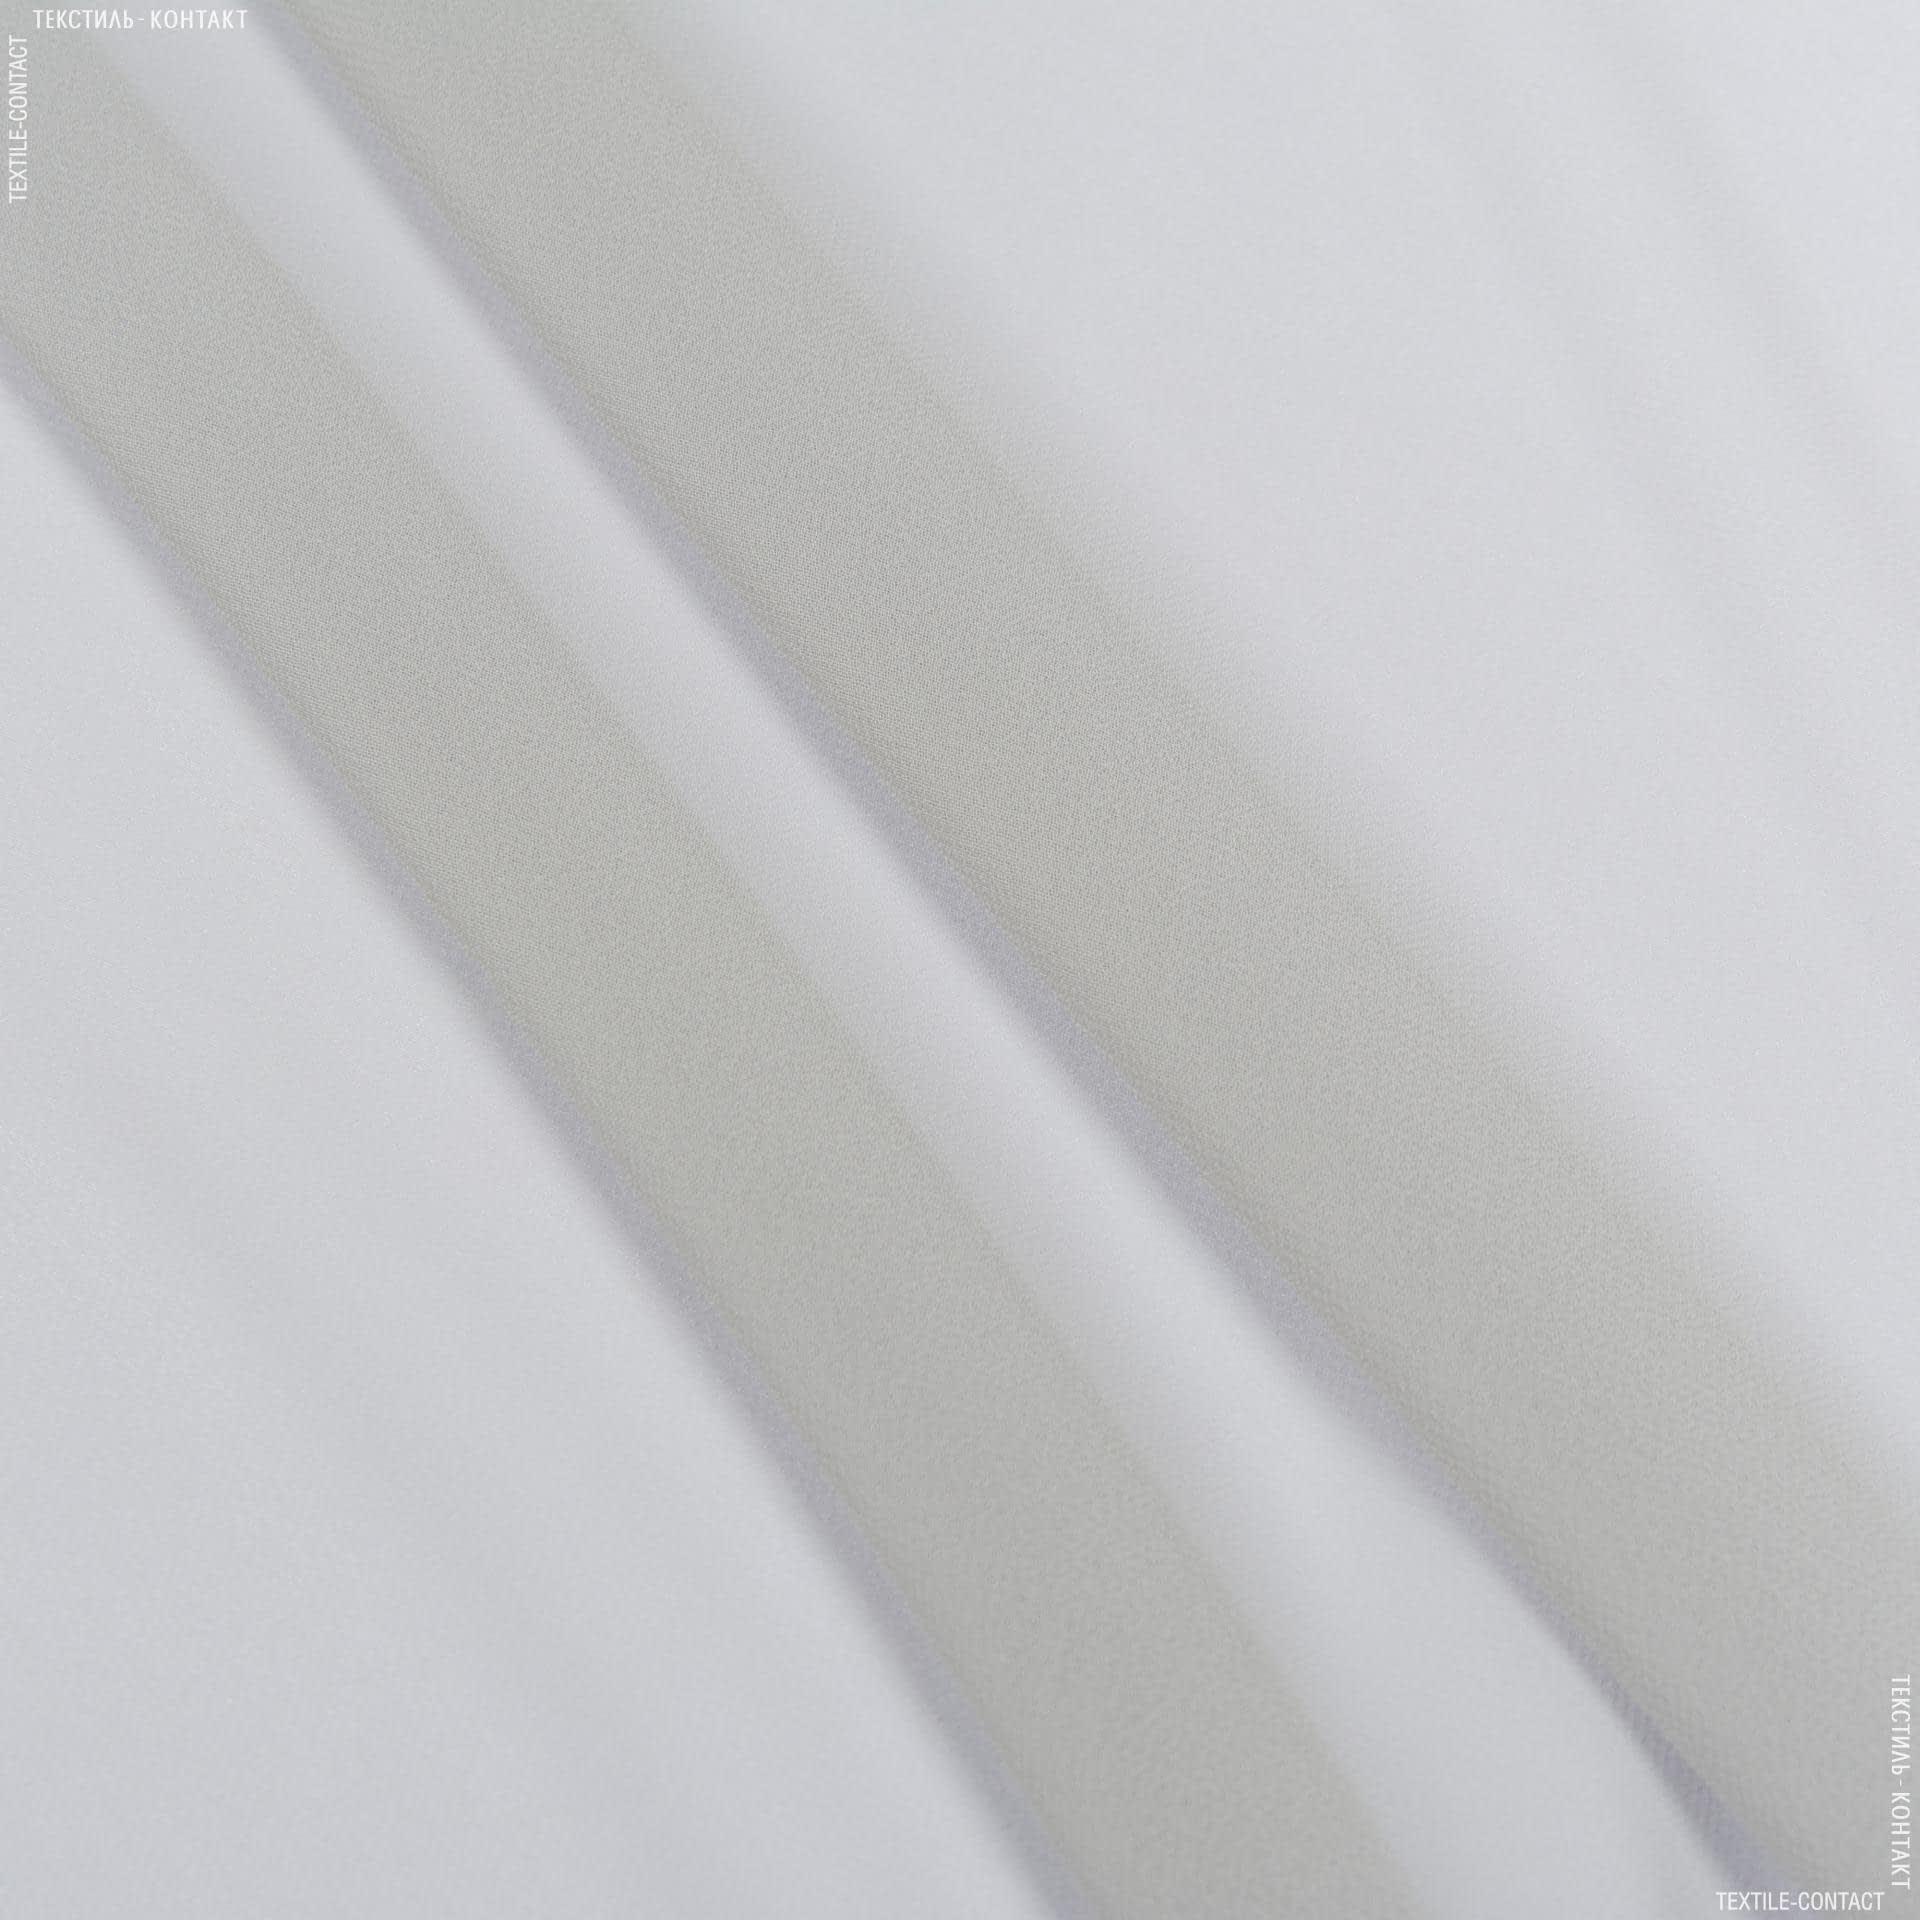 Тканини для хусток та бандан - Шифон мульті світло-сірий